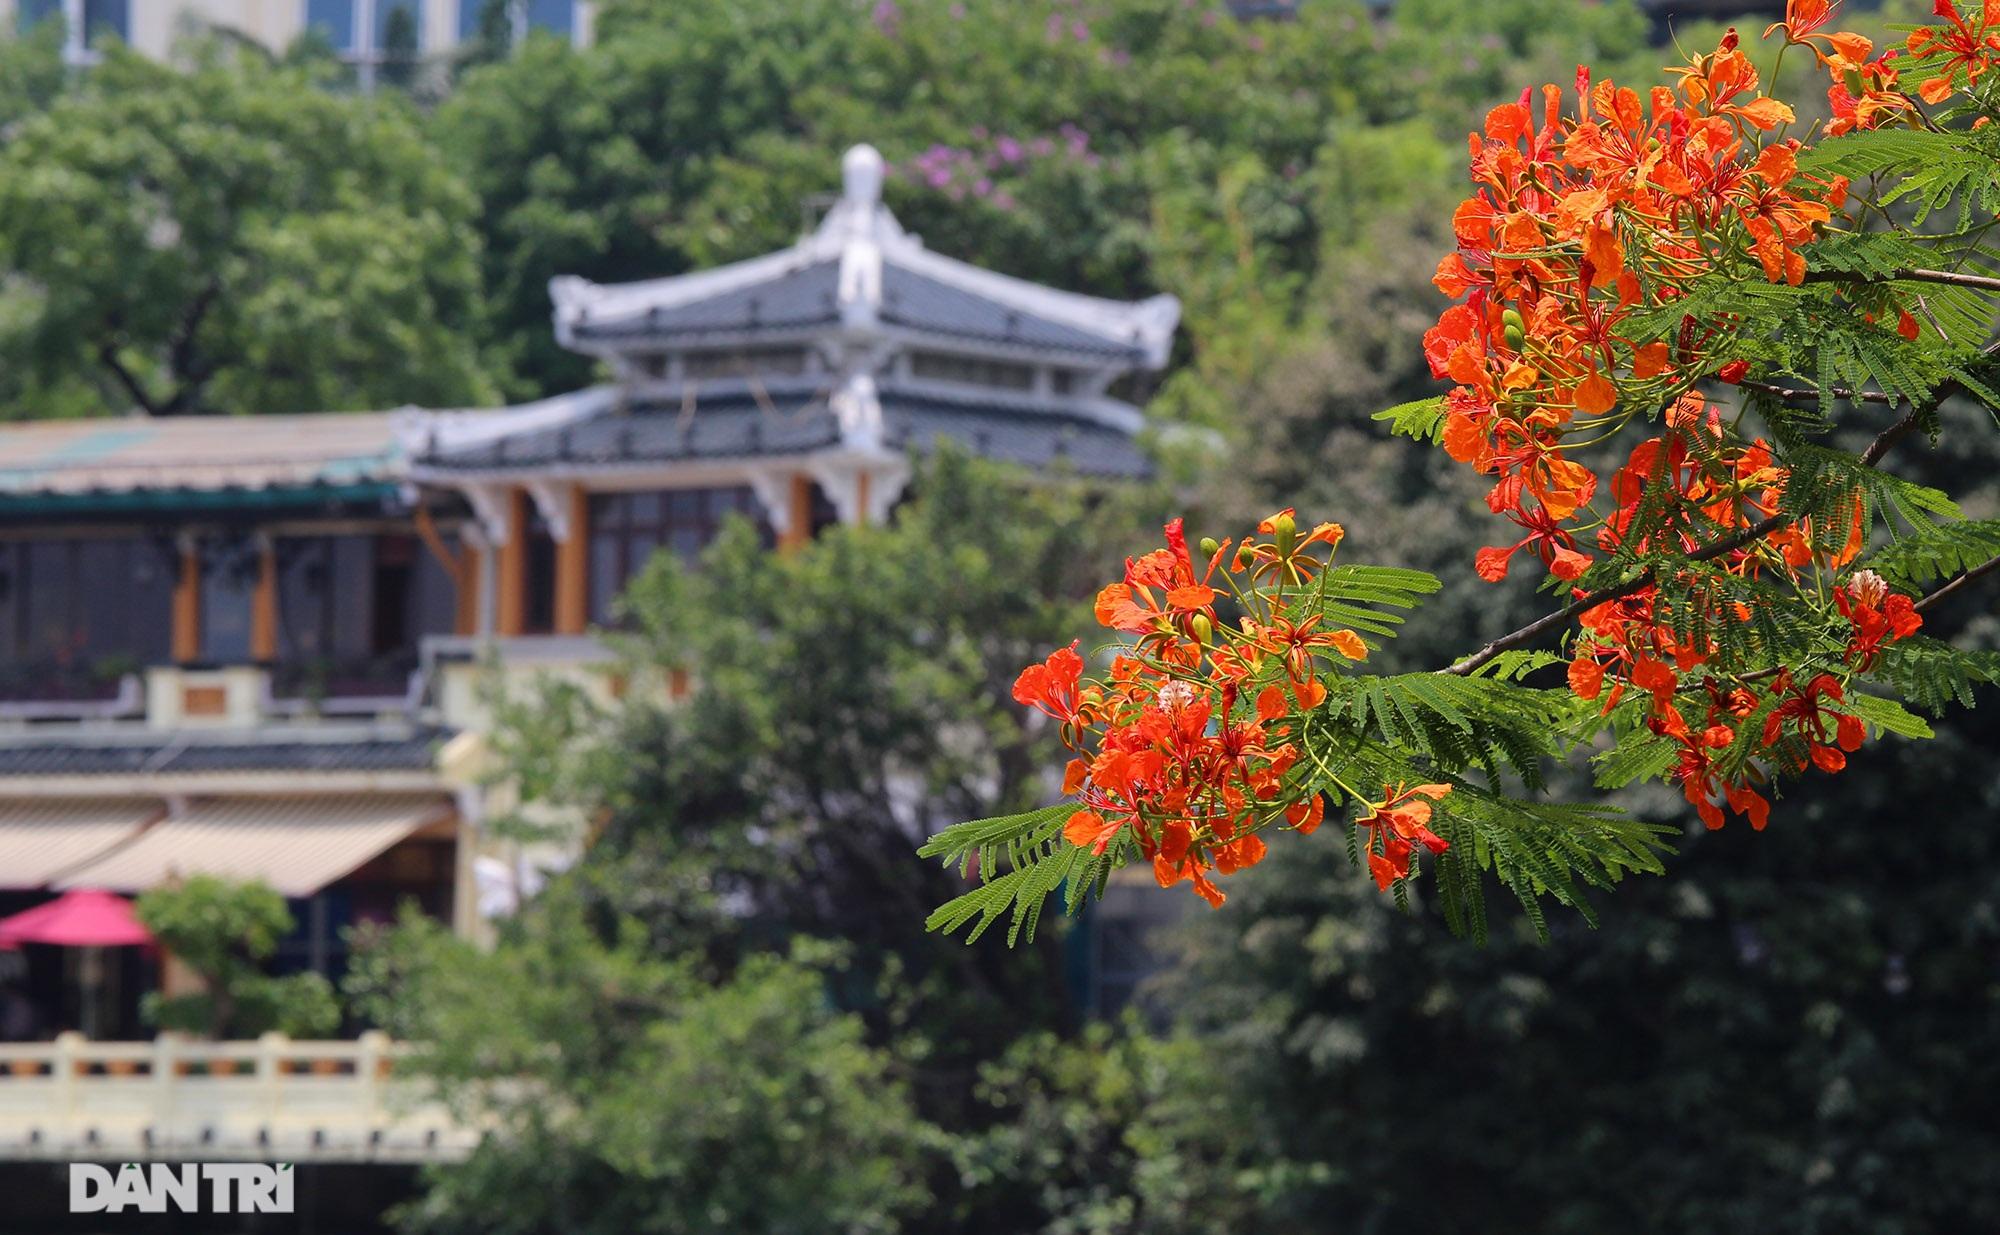 Mùa hoa phượng vĩ bắt đầu nở đẹp khắp phố phường Hà Nội - 11